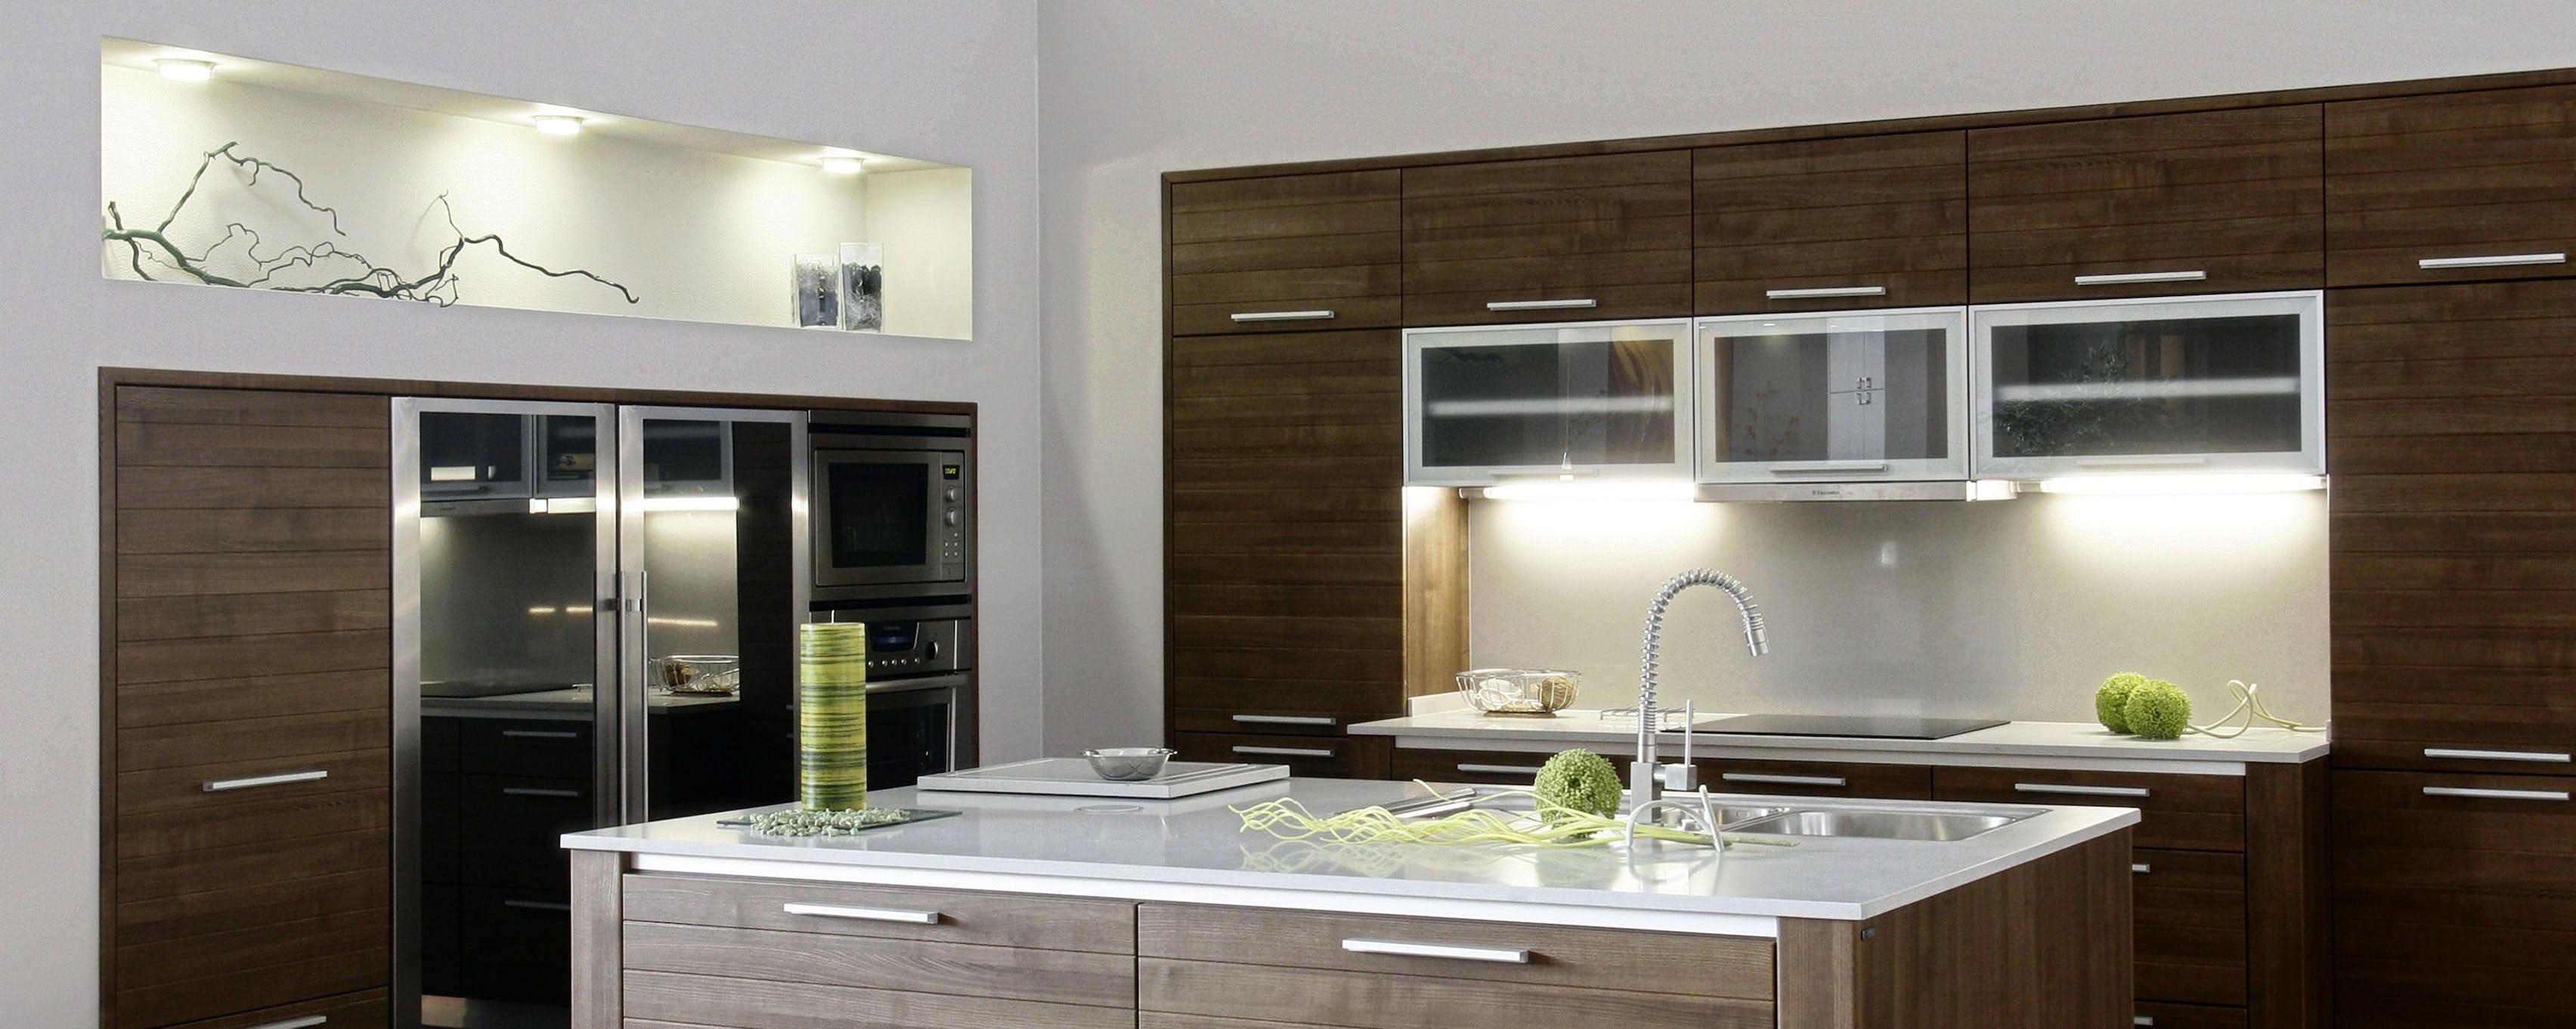 Meuble Sous Evier Ancien comment réaliser le home staging cuisine rustique ?